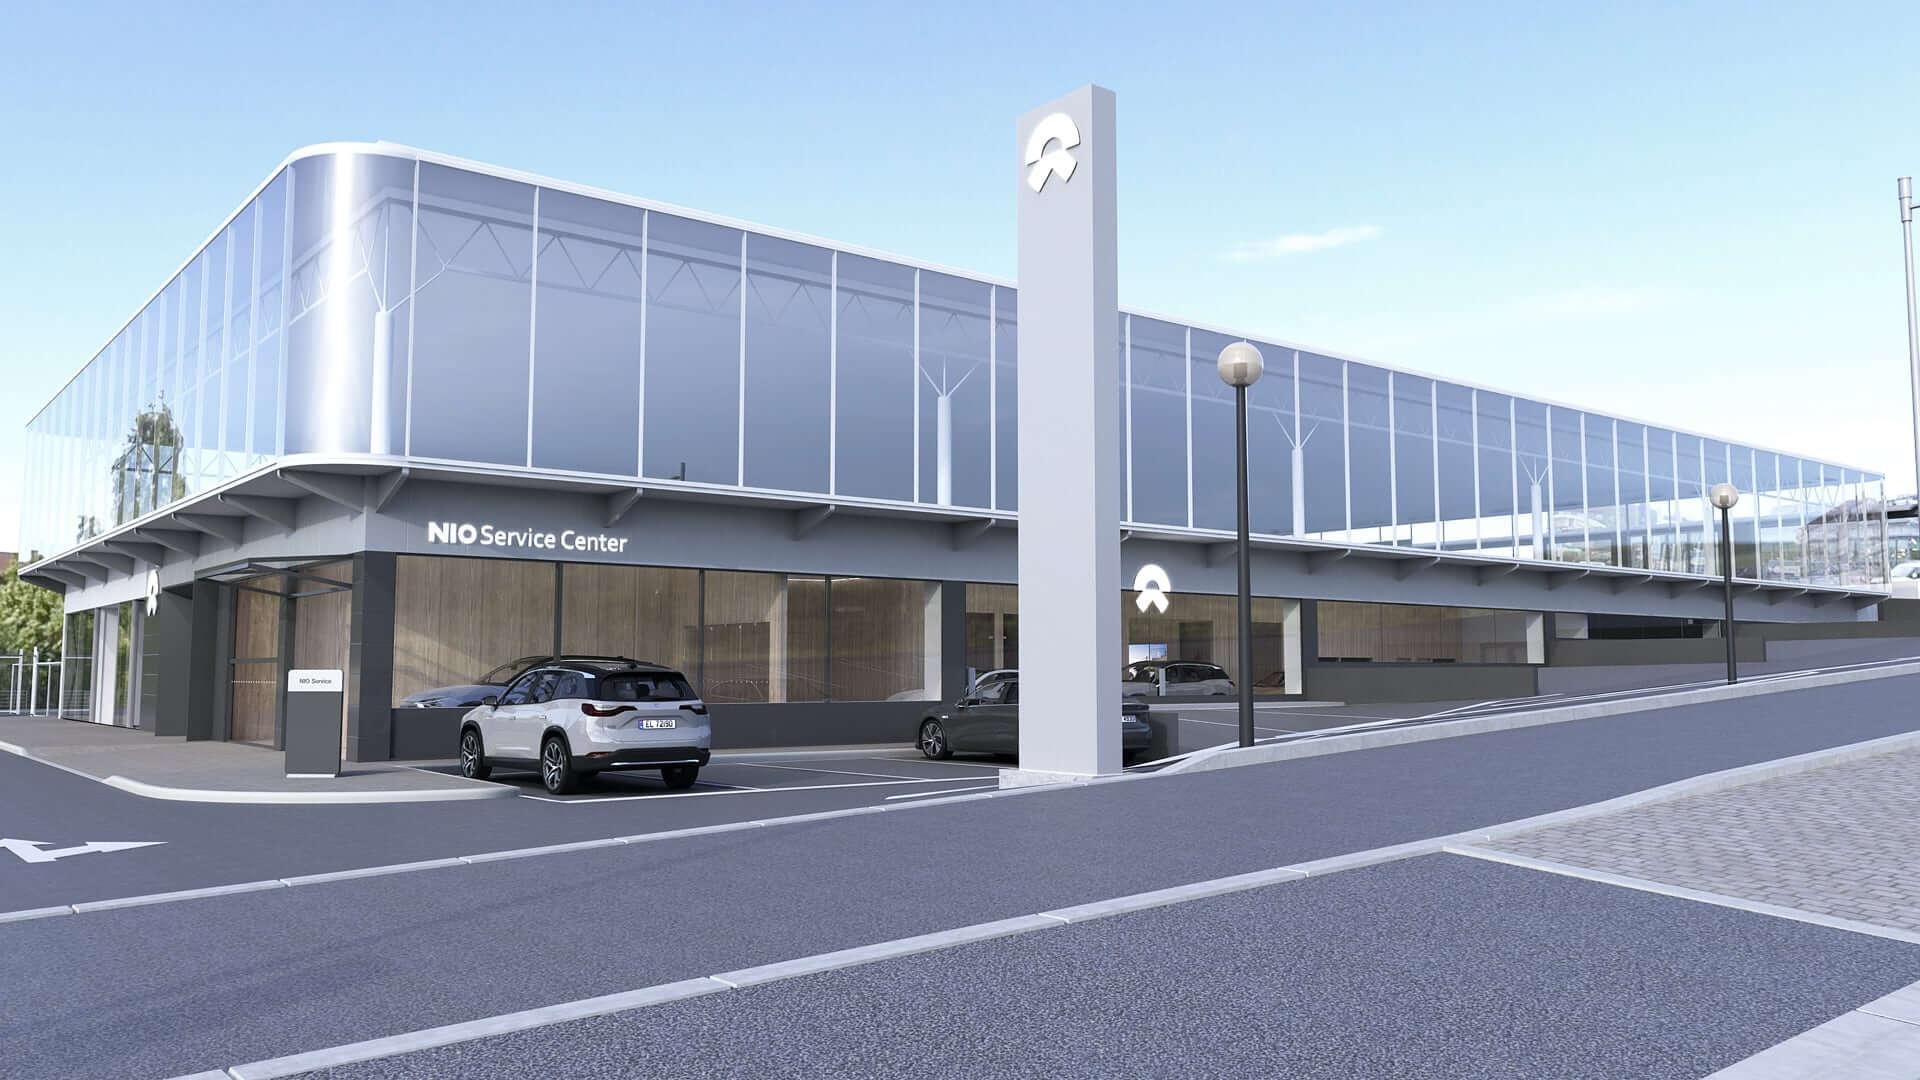 Первый центр обслуживания идоставки NIO вОсло